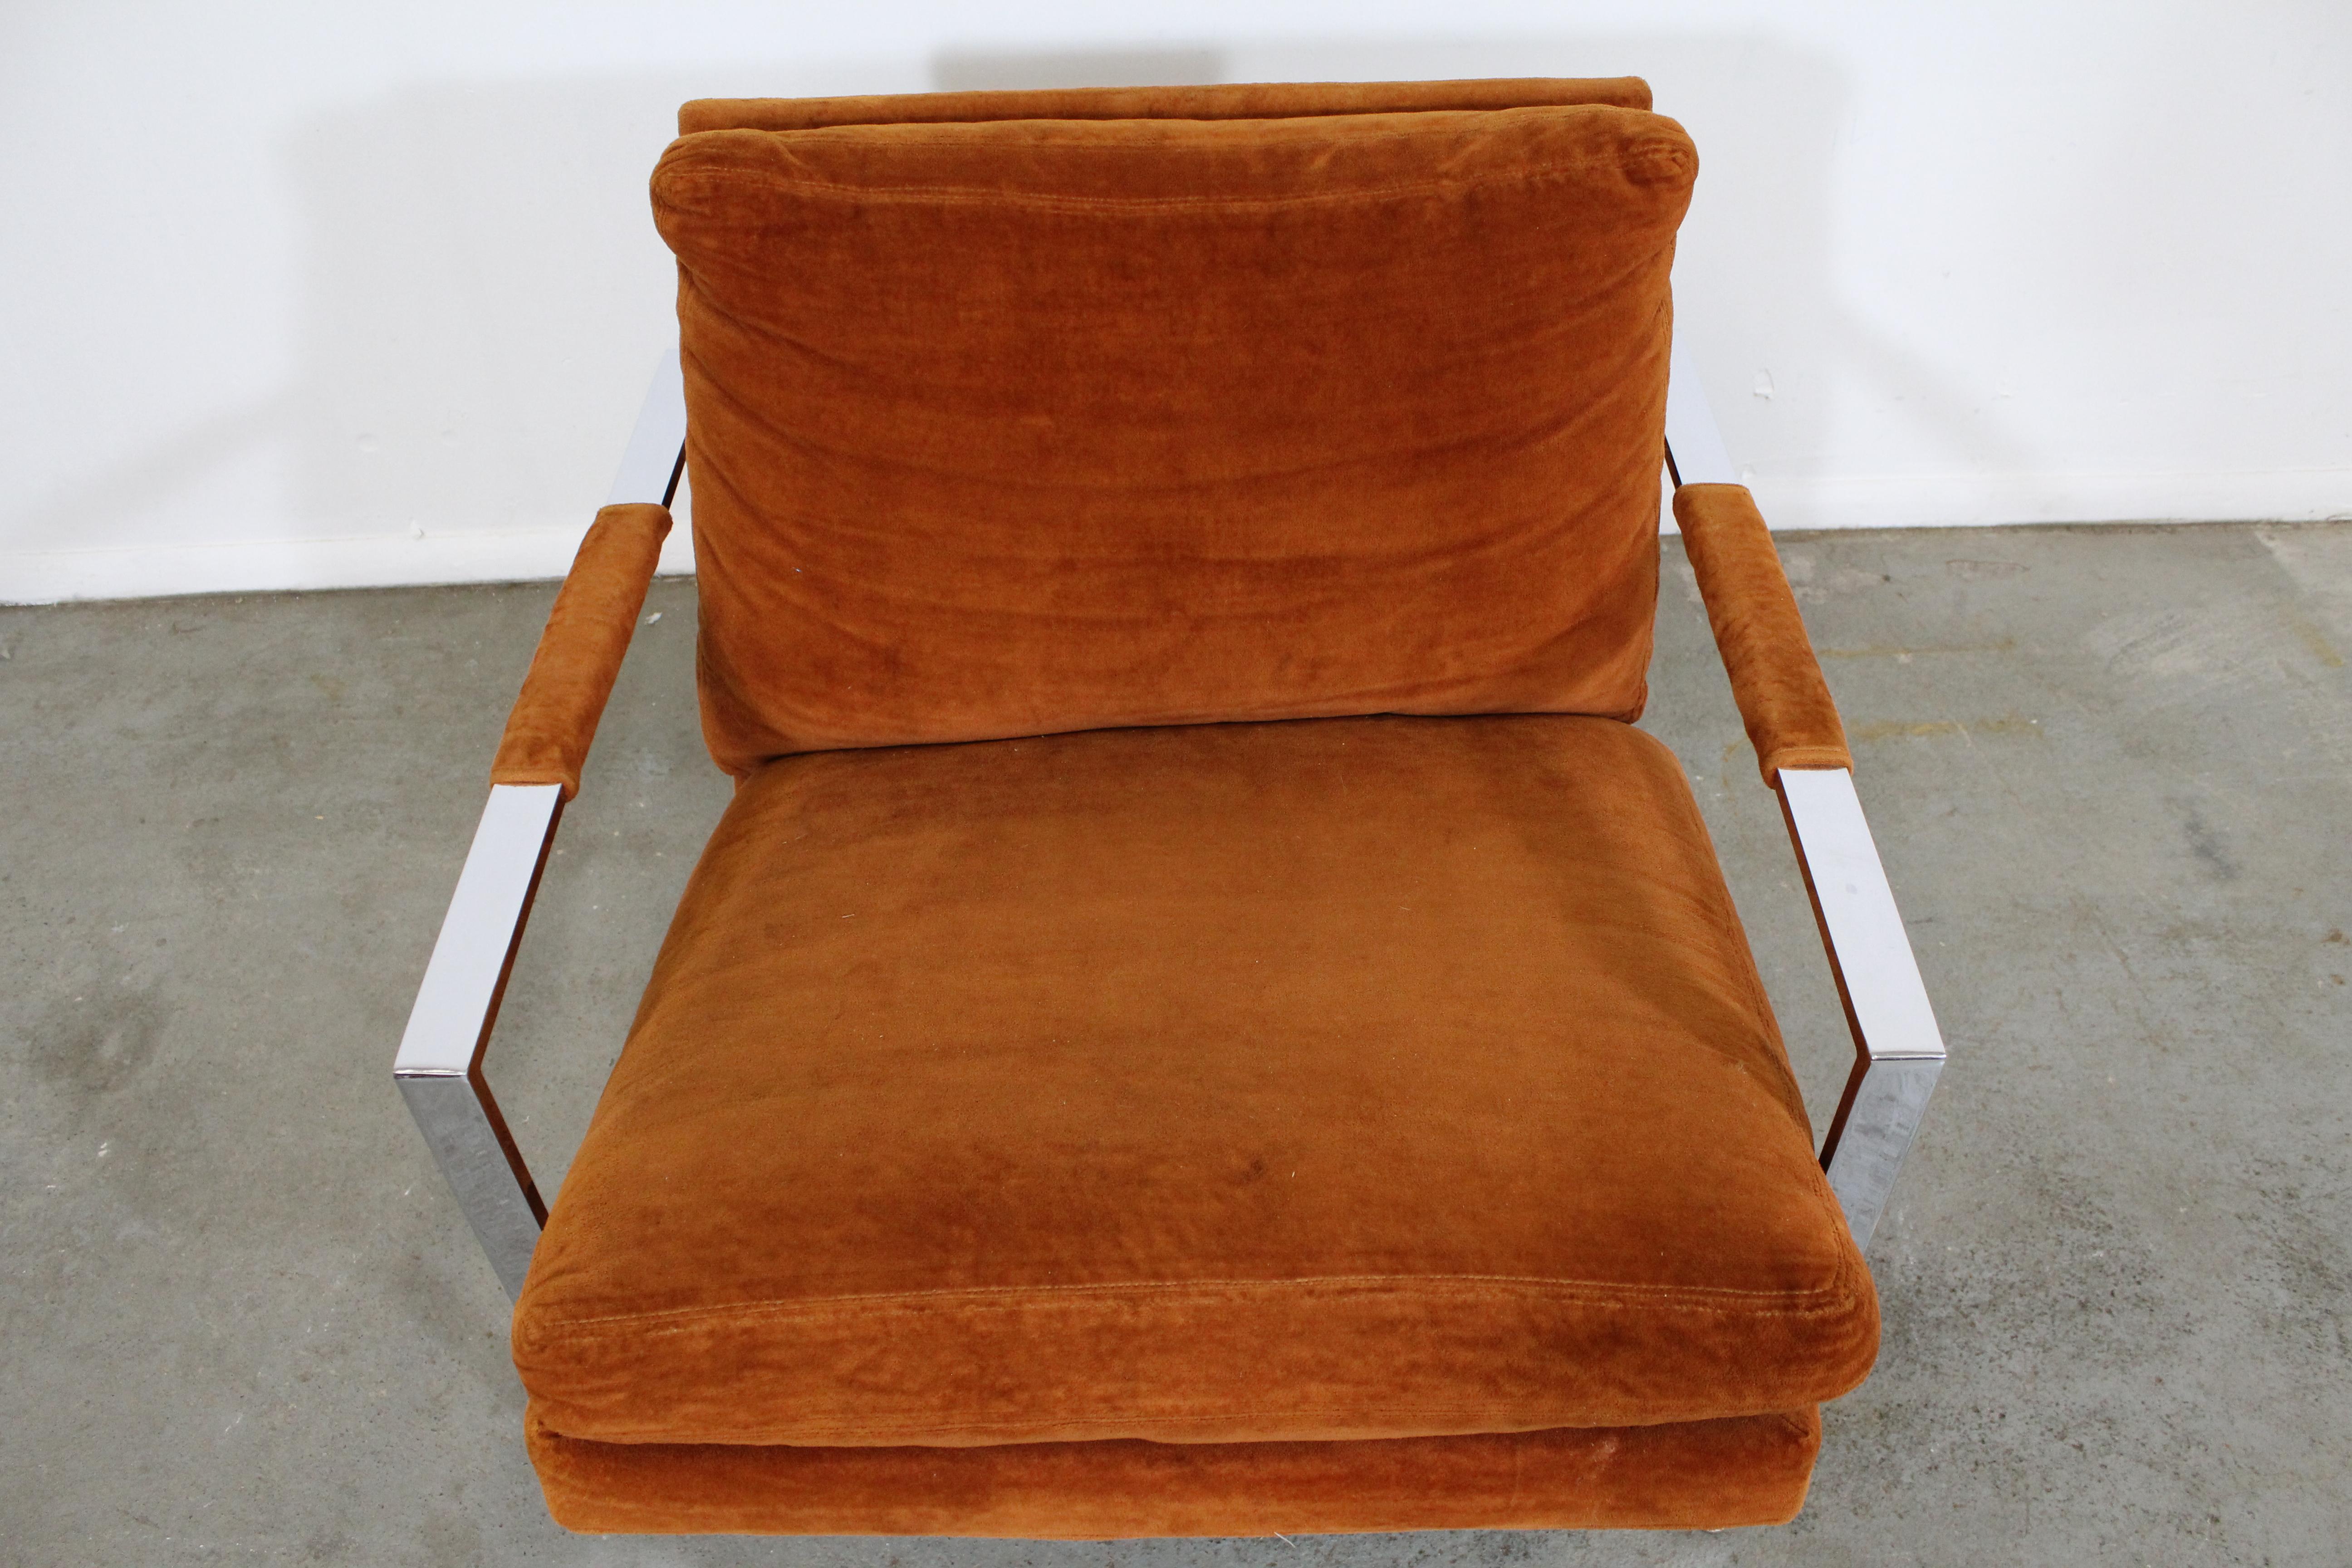 Milo Baughman Burnt Orange Lounge Chair By Thayer Coggin